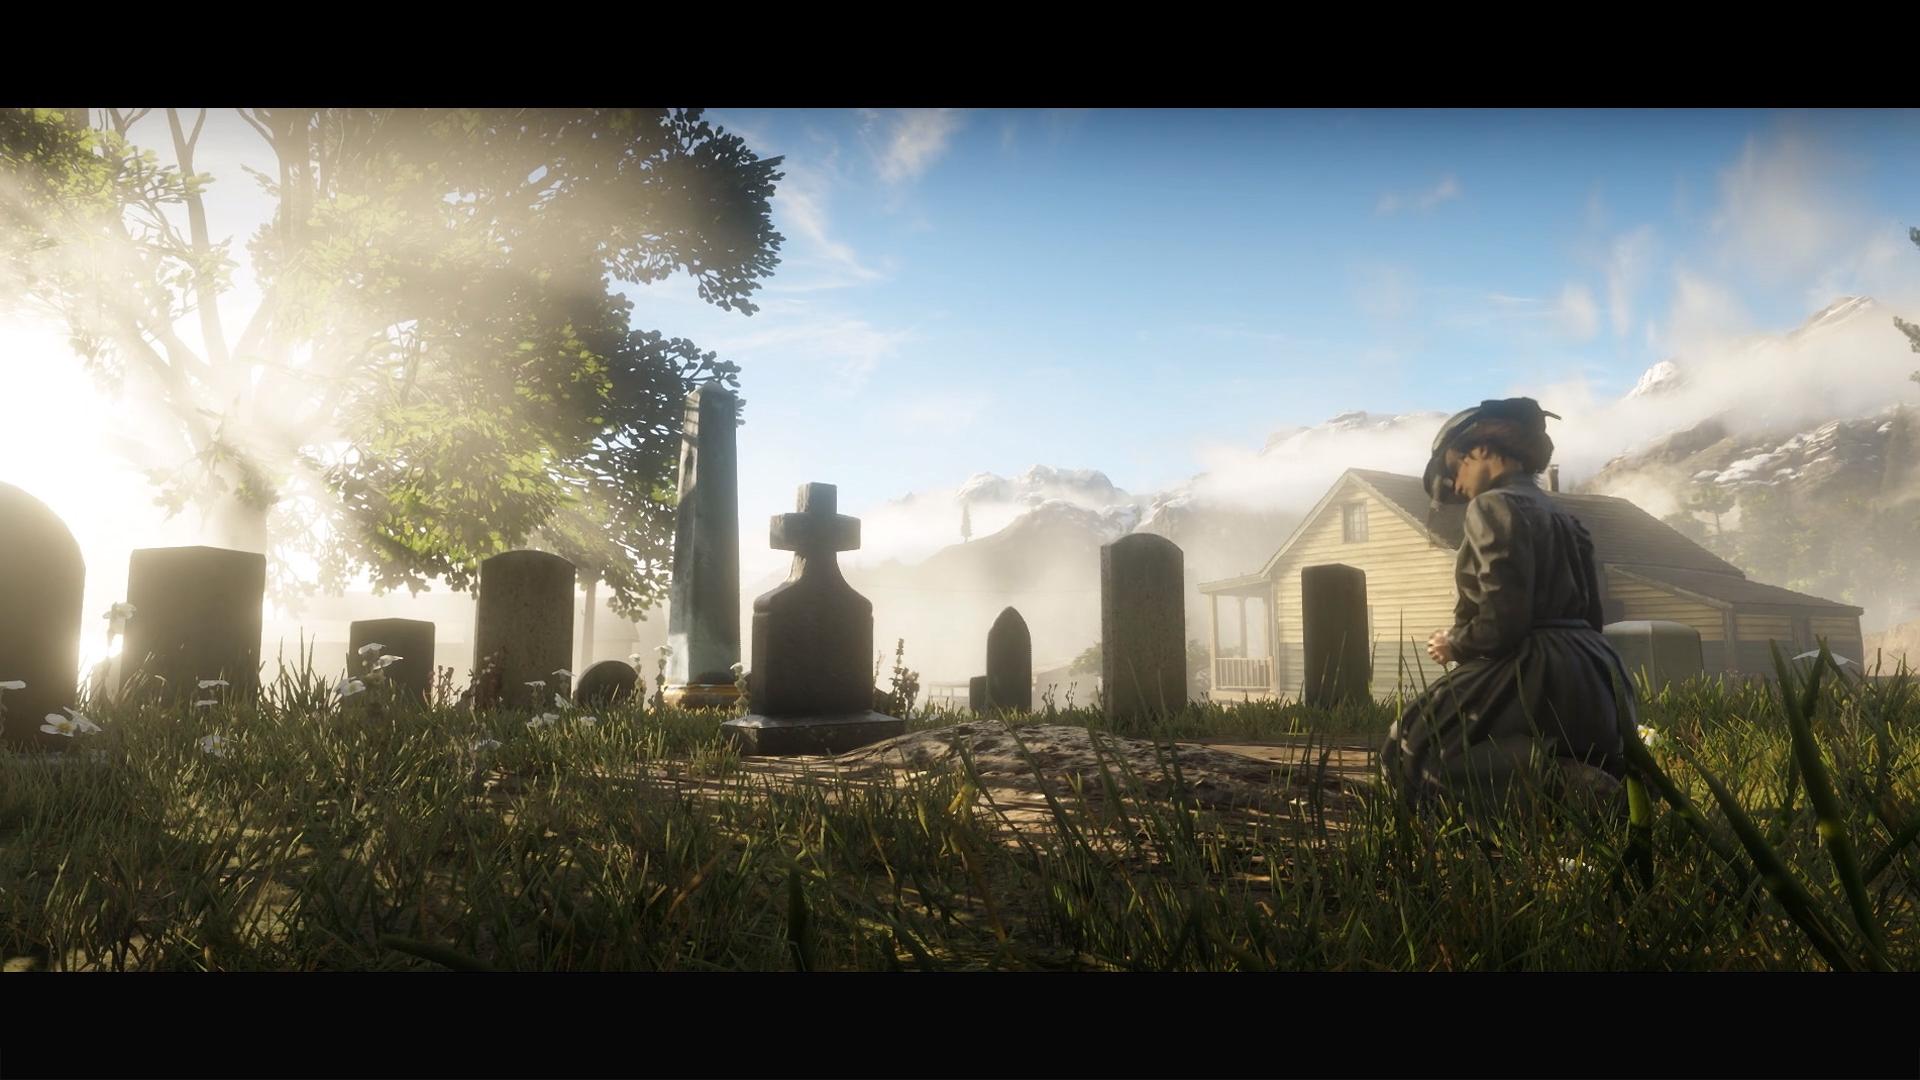 trailer2_011.jpg